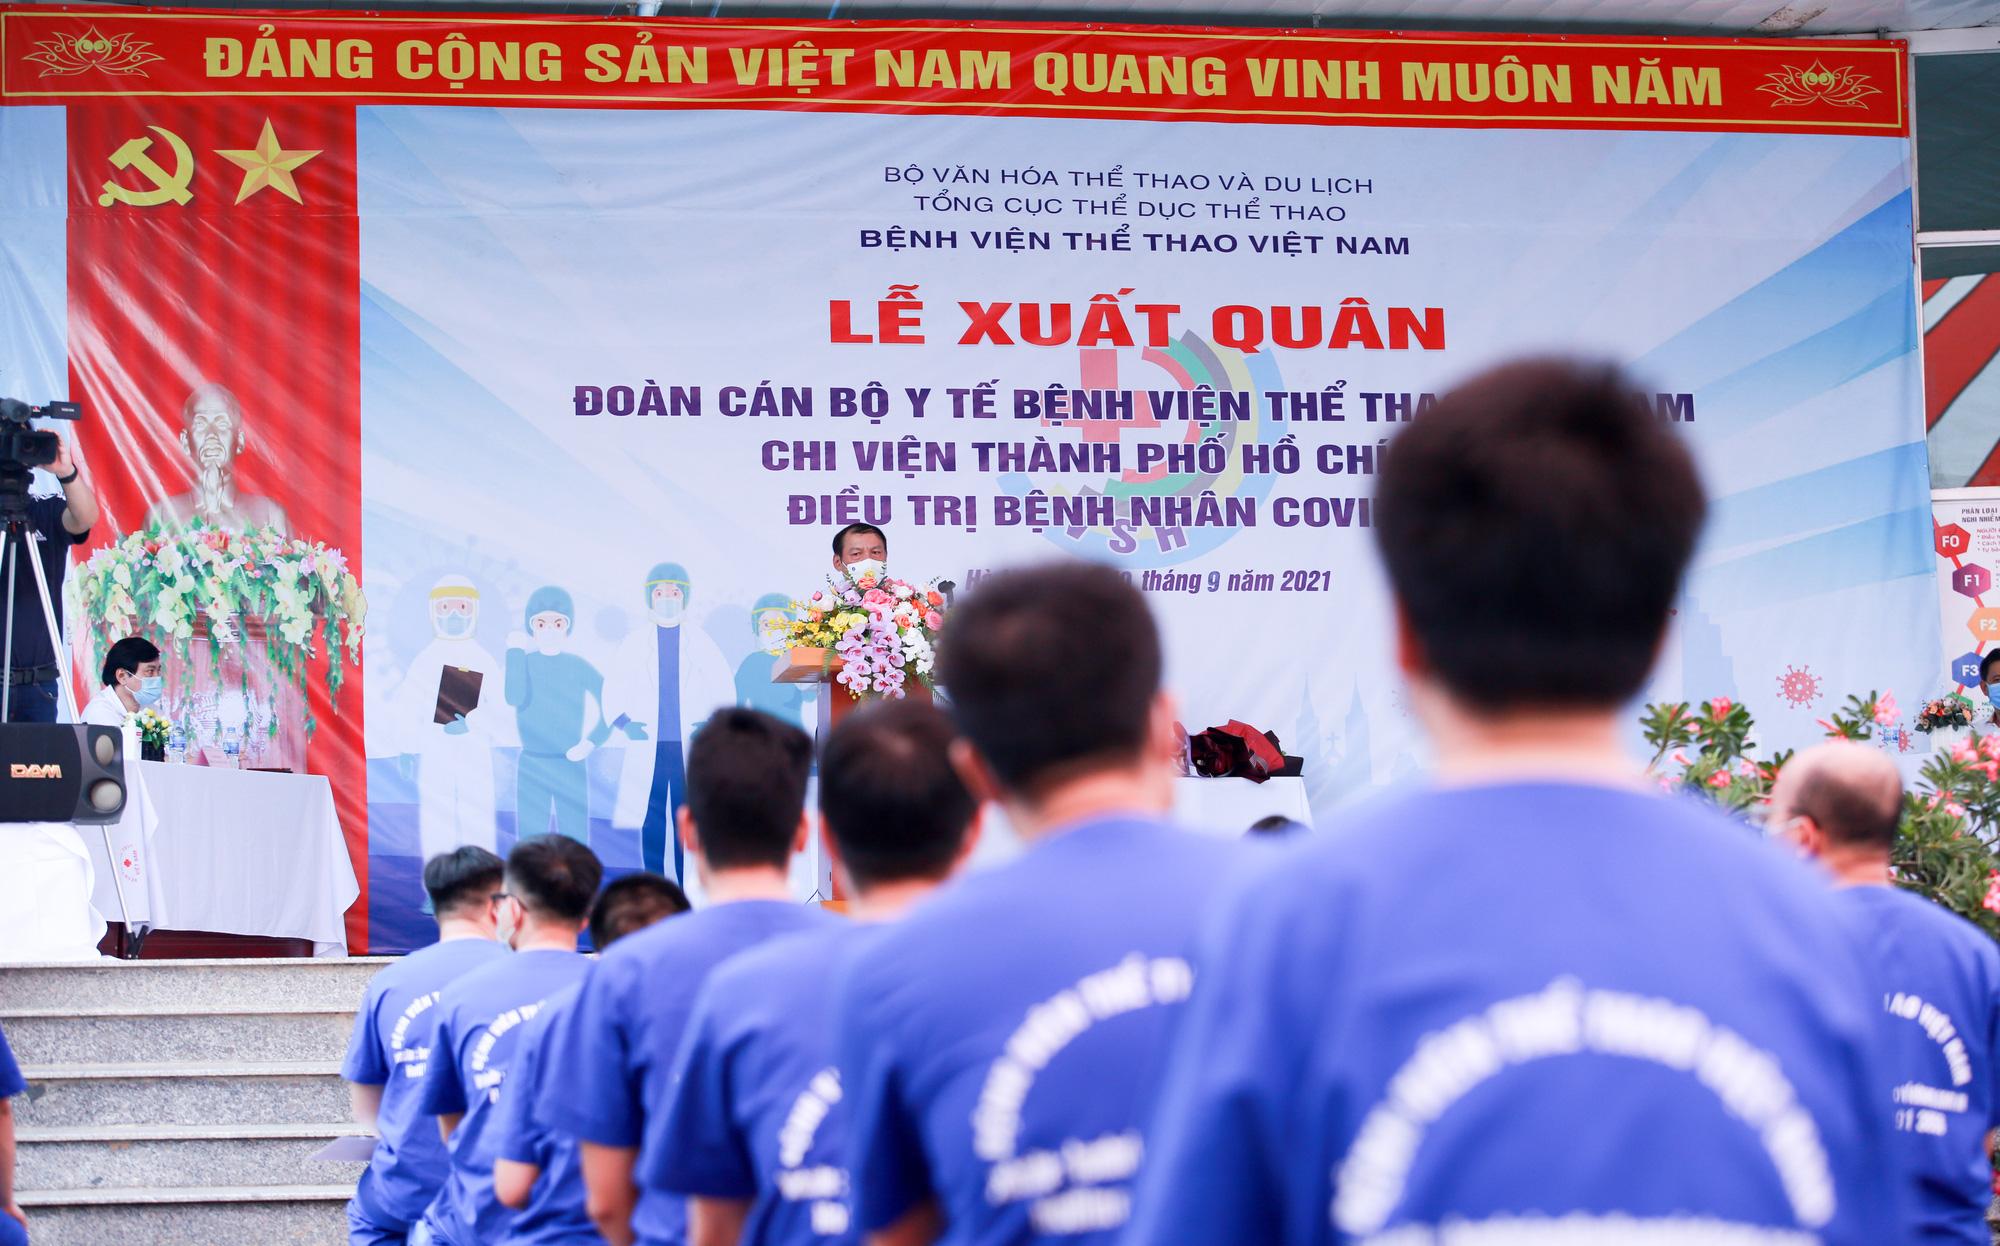 Bệnh viên Thể thao Việt Nam xuất quân tăng cường lực lượng vào miền Nam chống dịch - Ảnh 3.